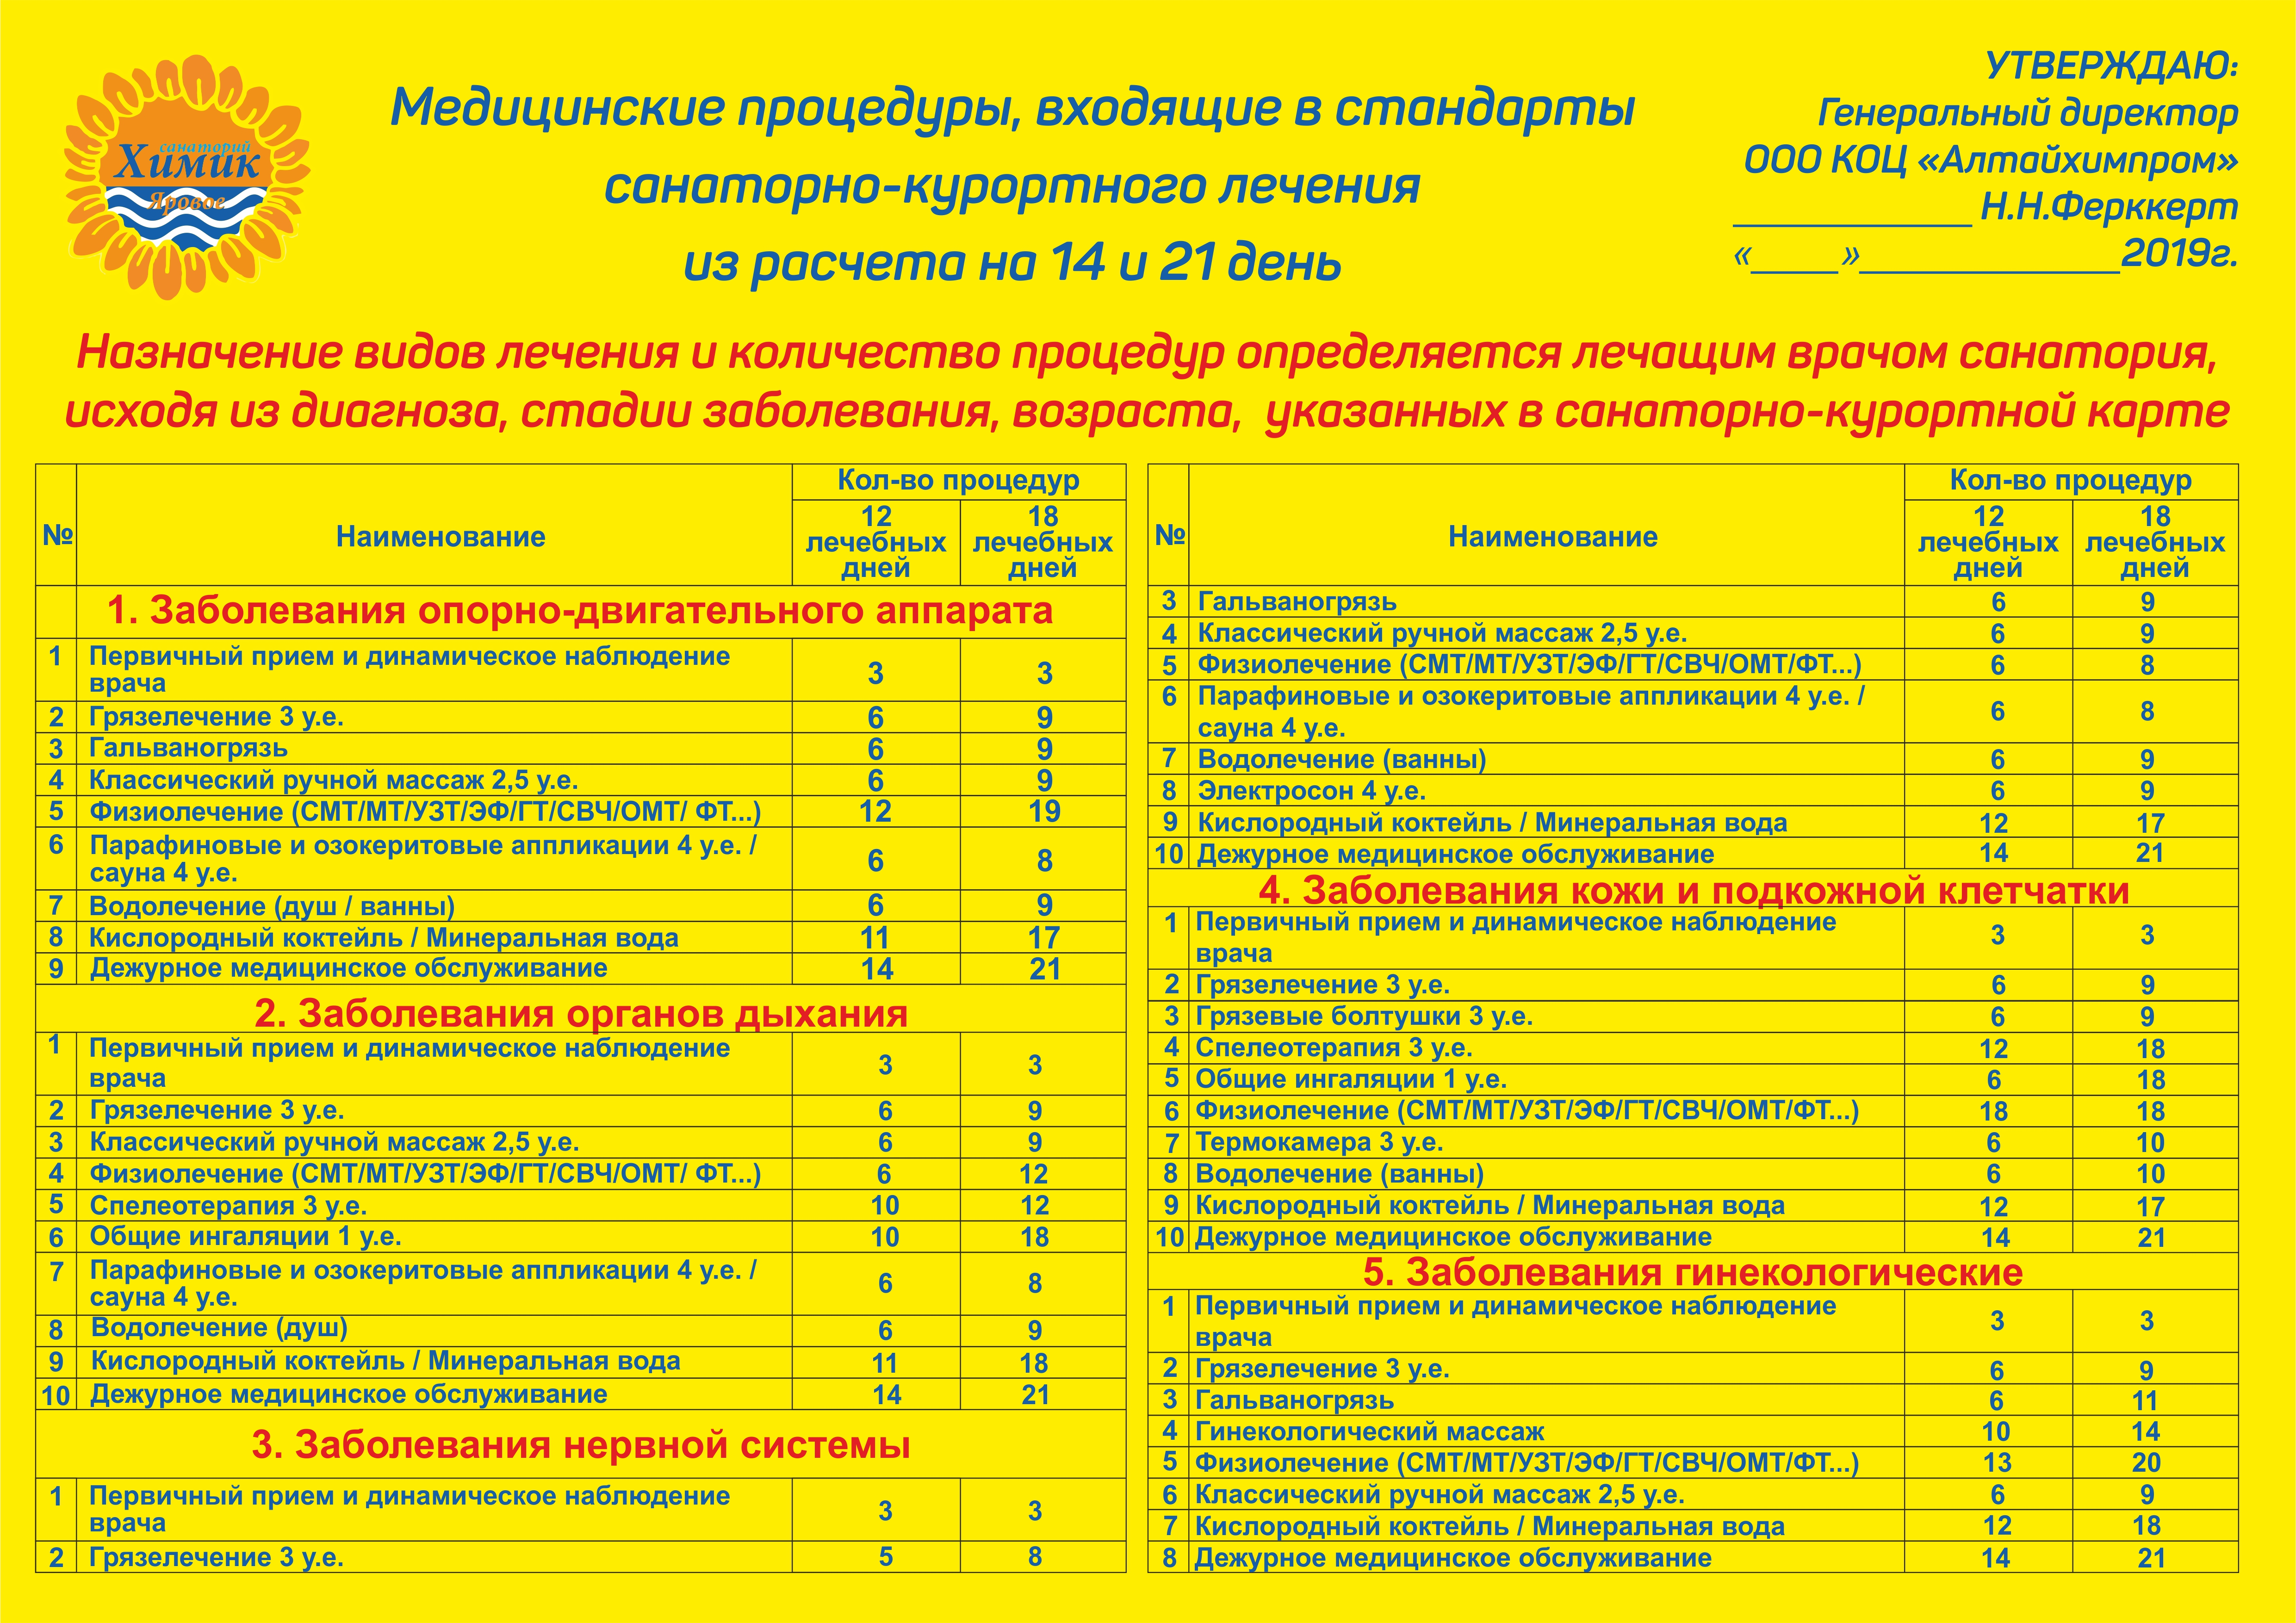 Обзор санаториев и методов лечения псориаза в Крыму